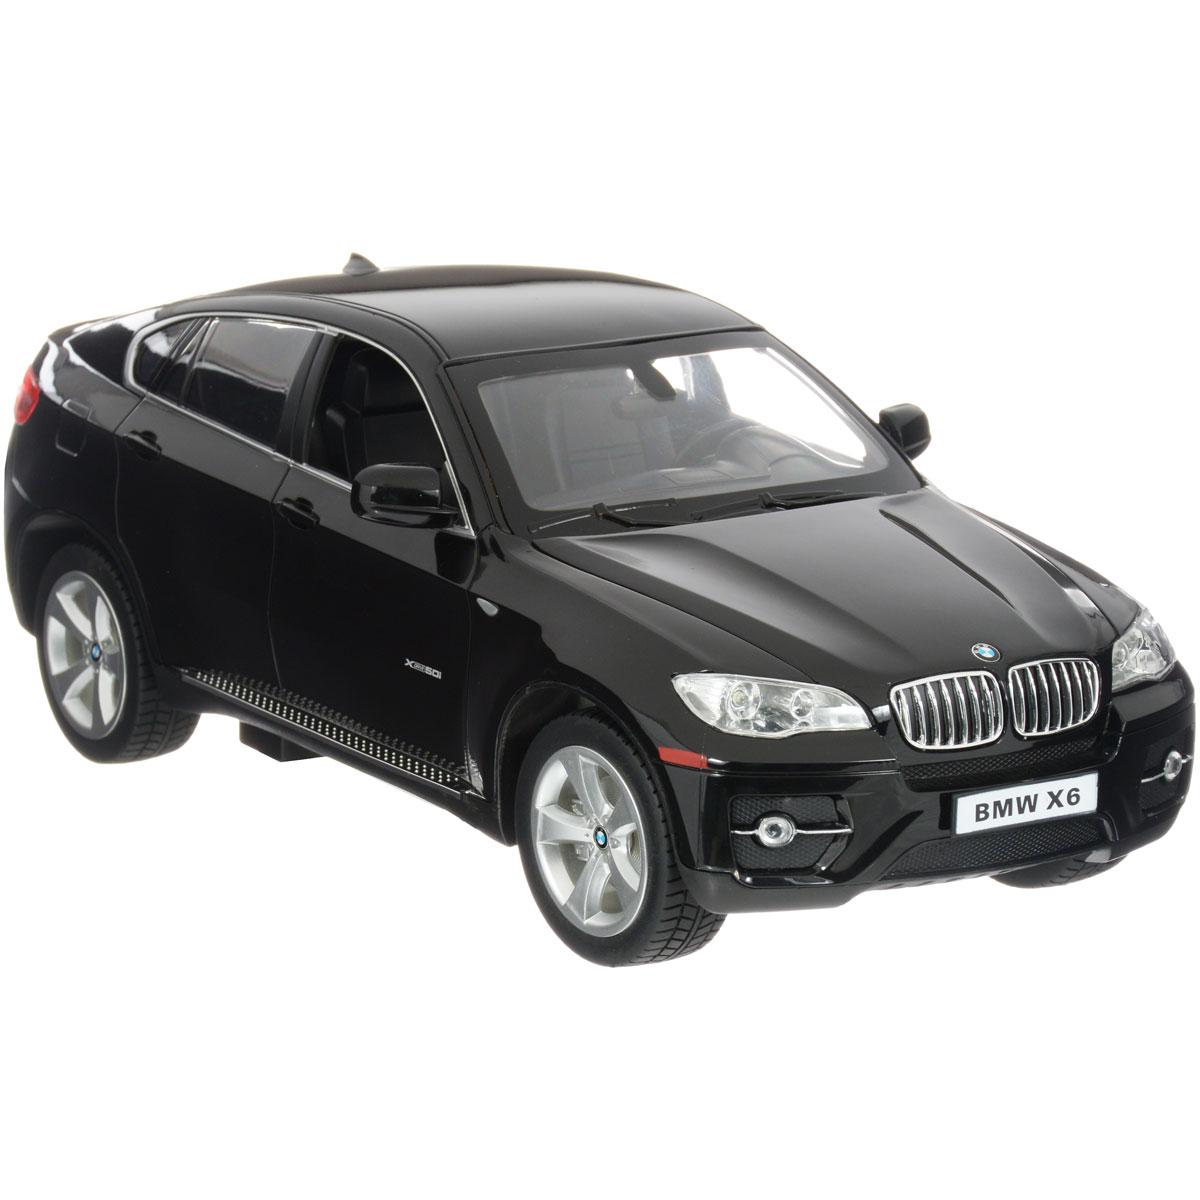 Rastar Радиоуправляемая модель BMW X6 цвет черный цена